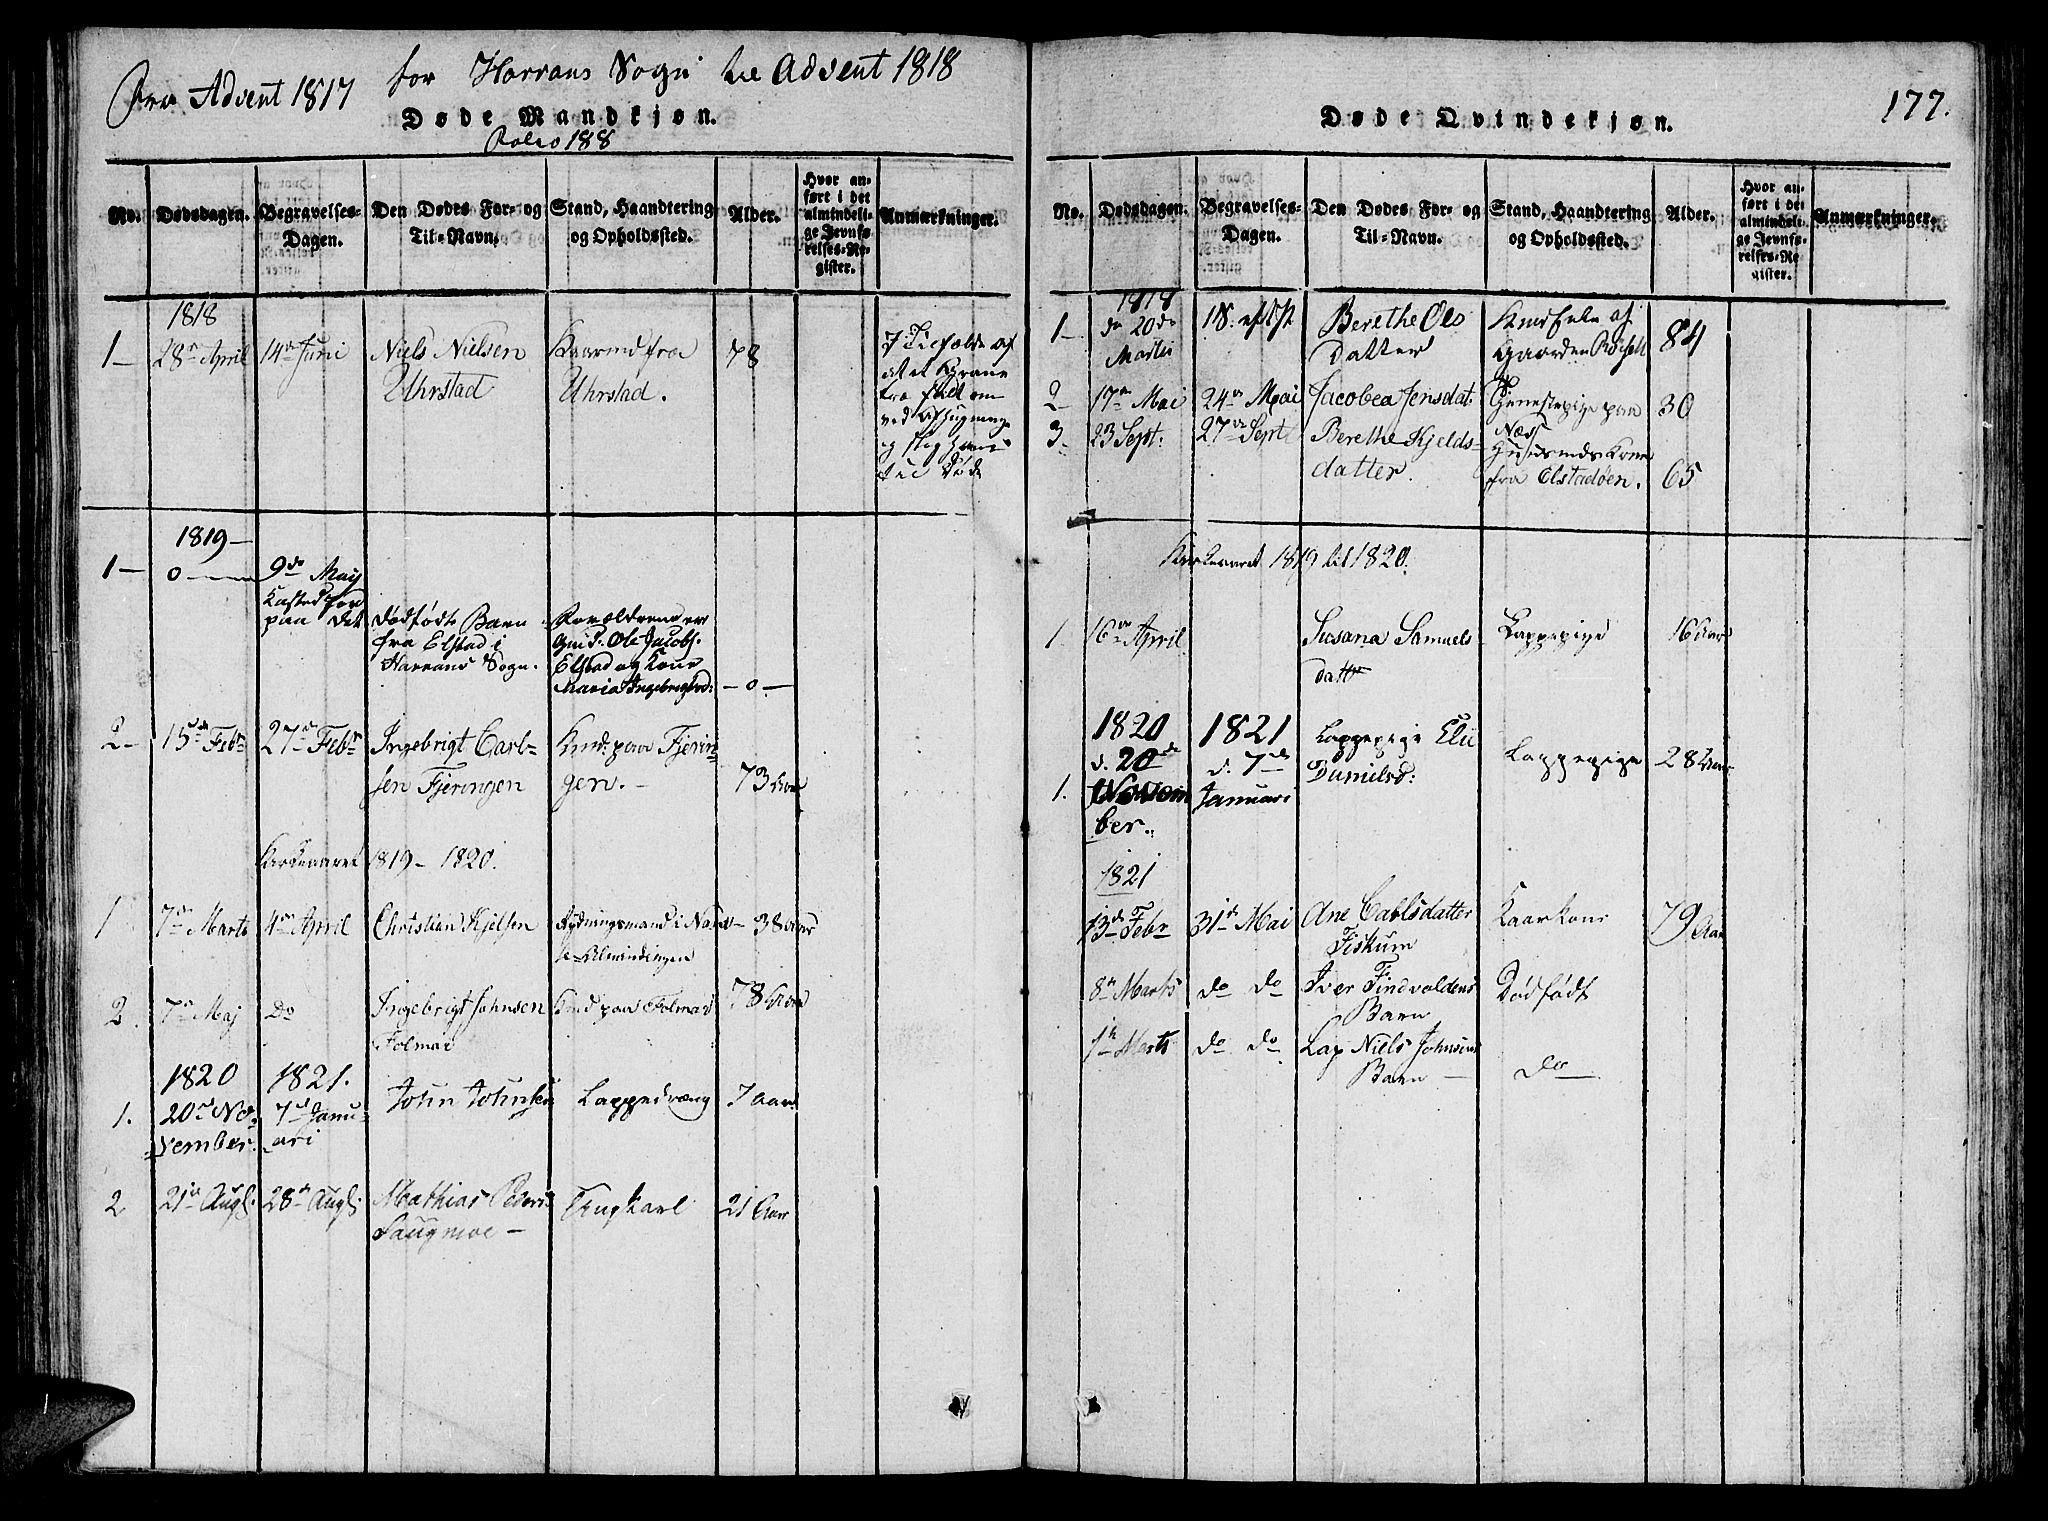 SAT, Ministerialprotokoller, klokkerbøker og fødselsregistre - Nord-Trøndelag, 764/L0546: Ministerialbok nr. 764A06 /5, 1818-1821, s. 177